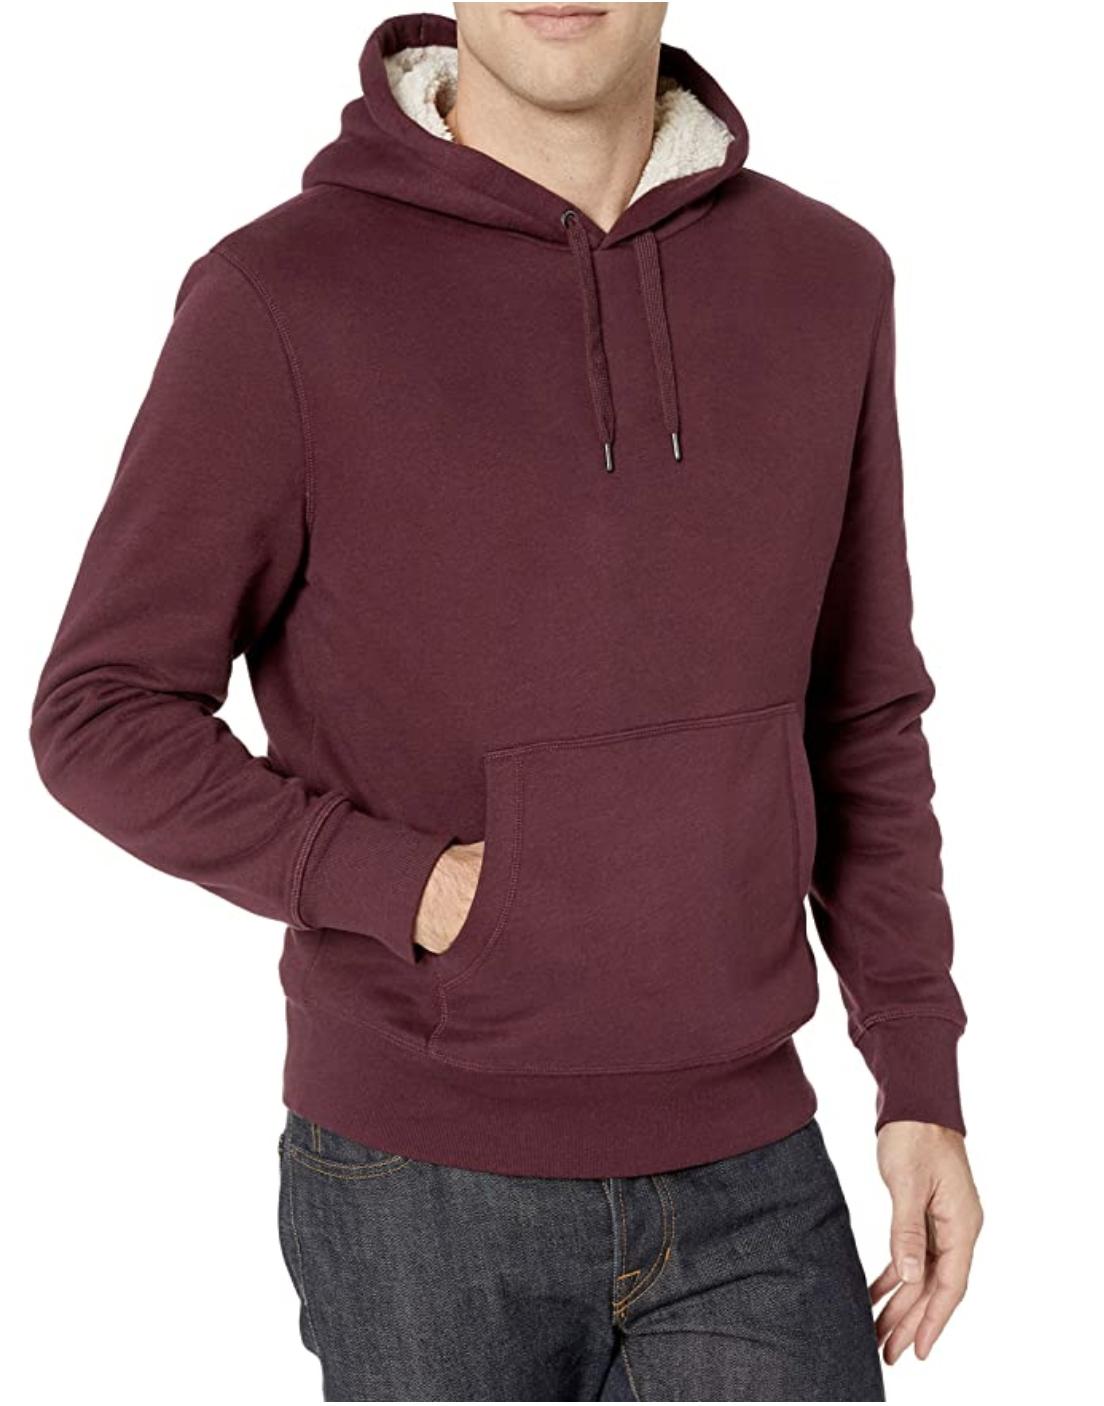 Best Men's Hoodies - Amazon Essentials